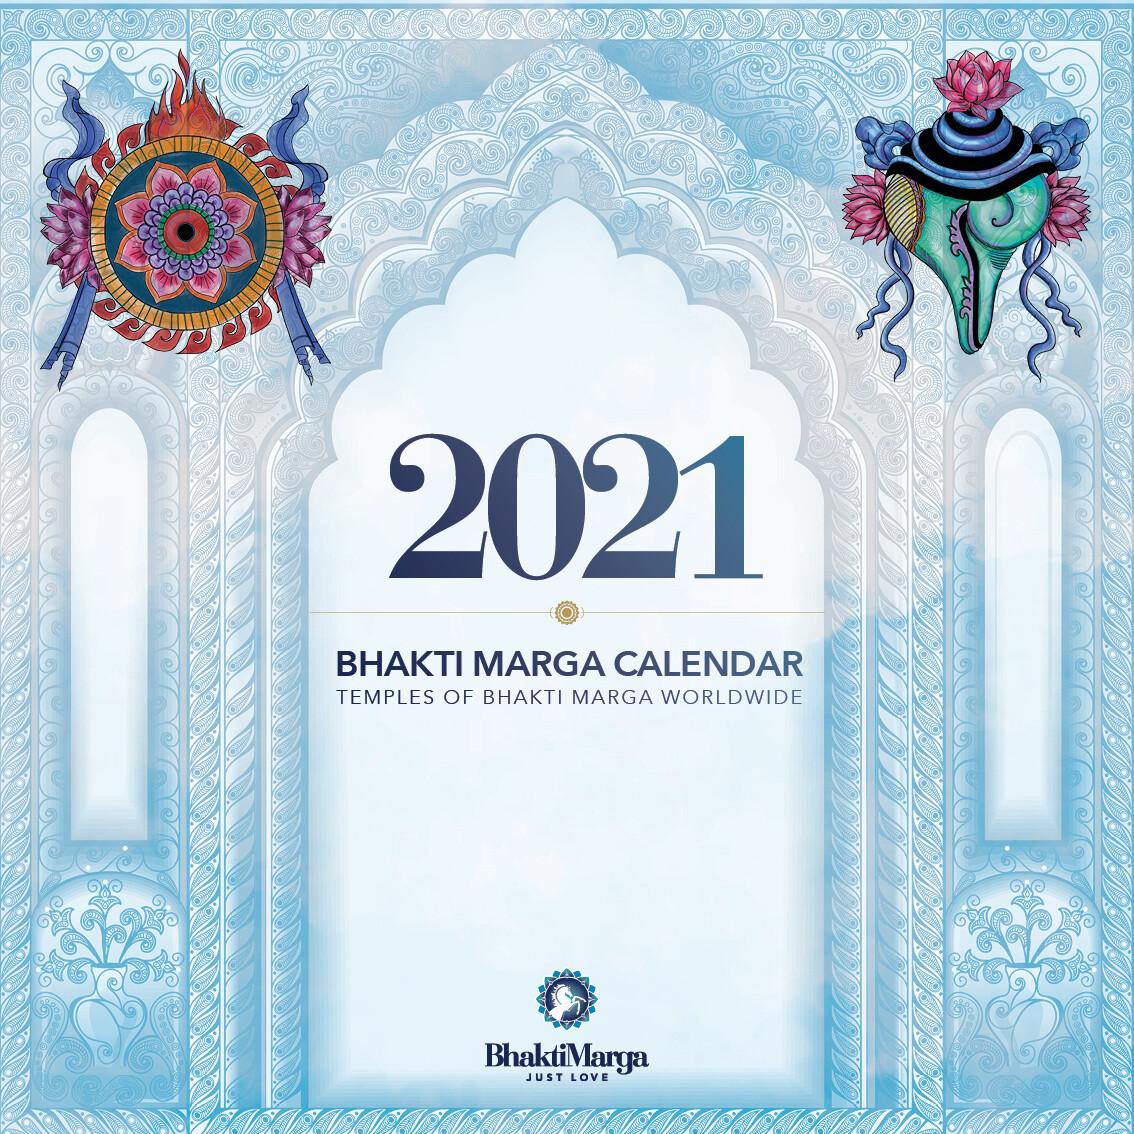 Bhakti Marga 2021 Calendar